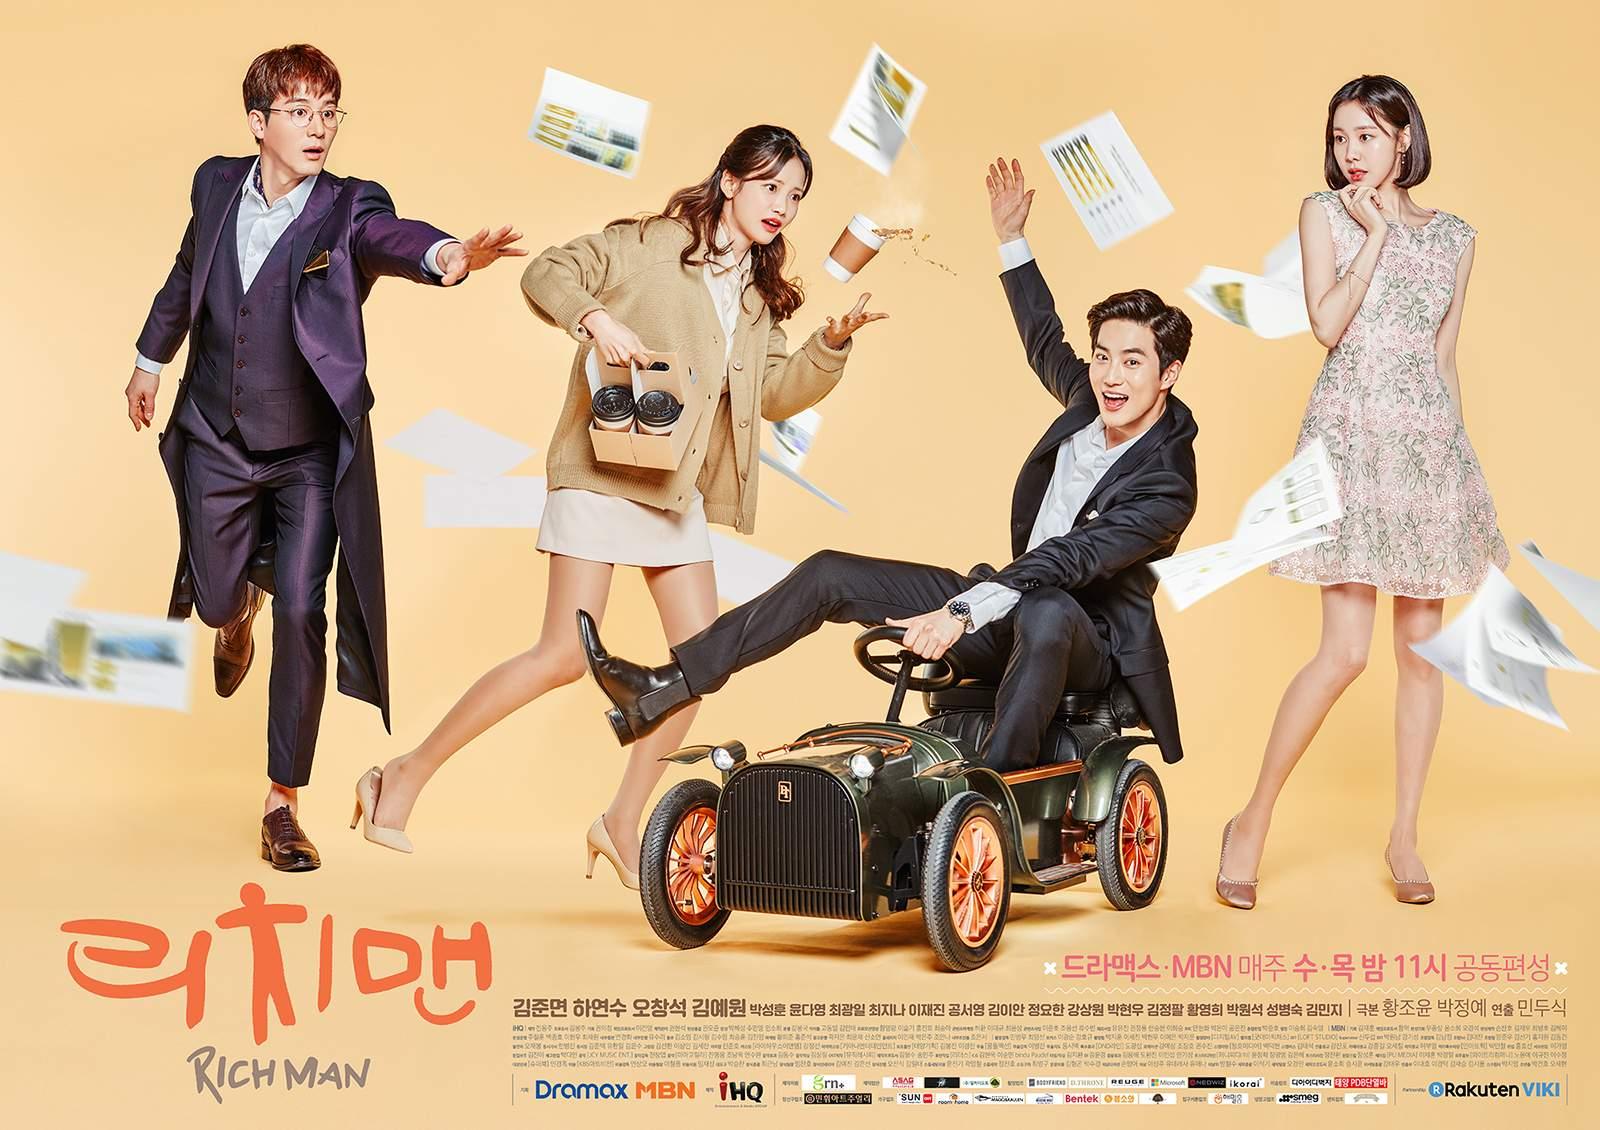 而由EXO隊長Suho主演的《Rich Man》,則是在韓國獲得了不錯的迴響!搞笑輕鬆的劇情受到了不少觀眾的喜愛~